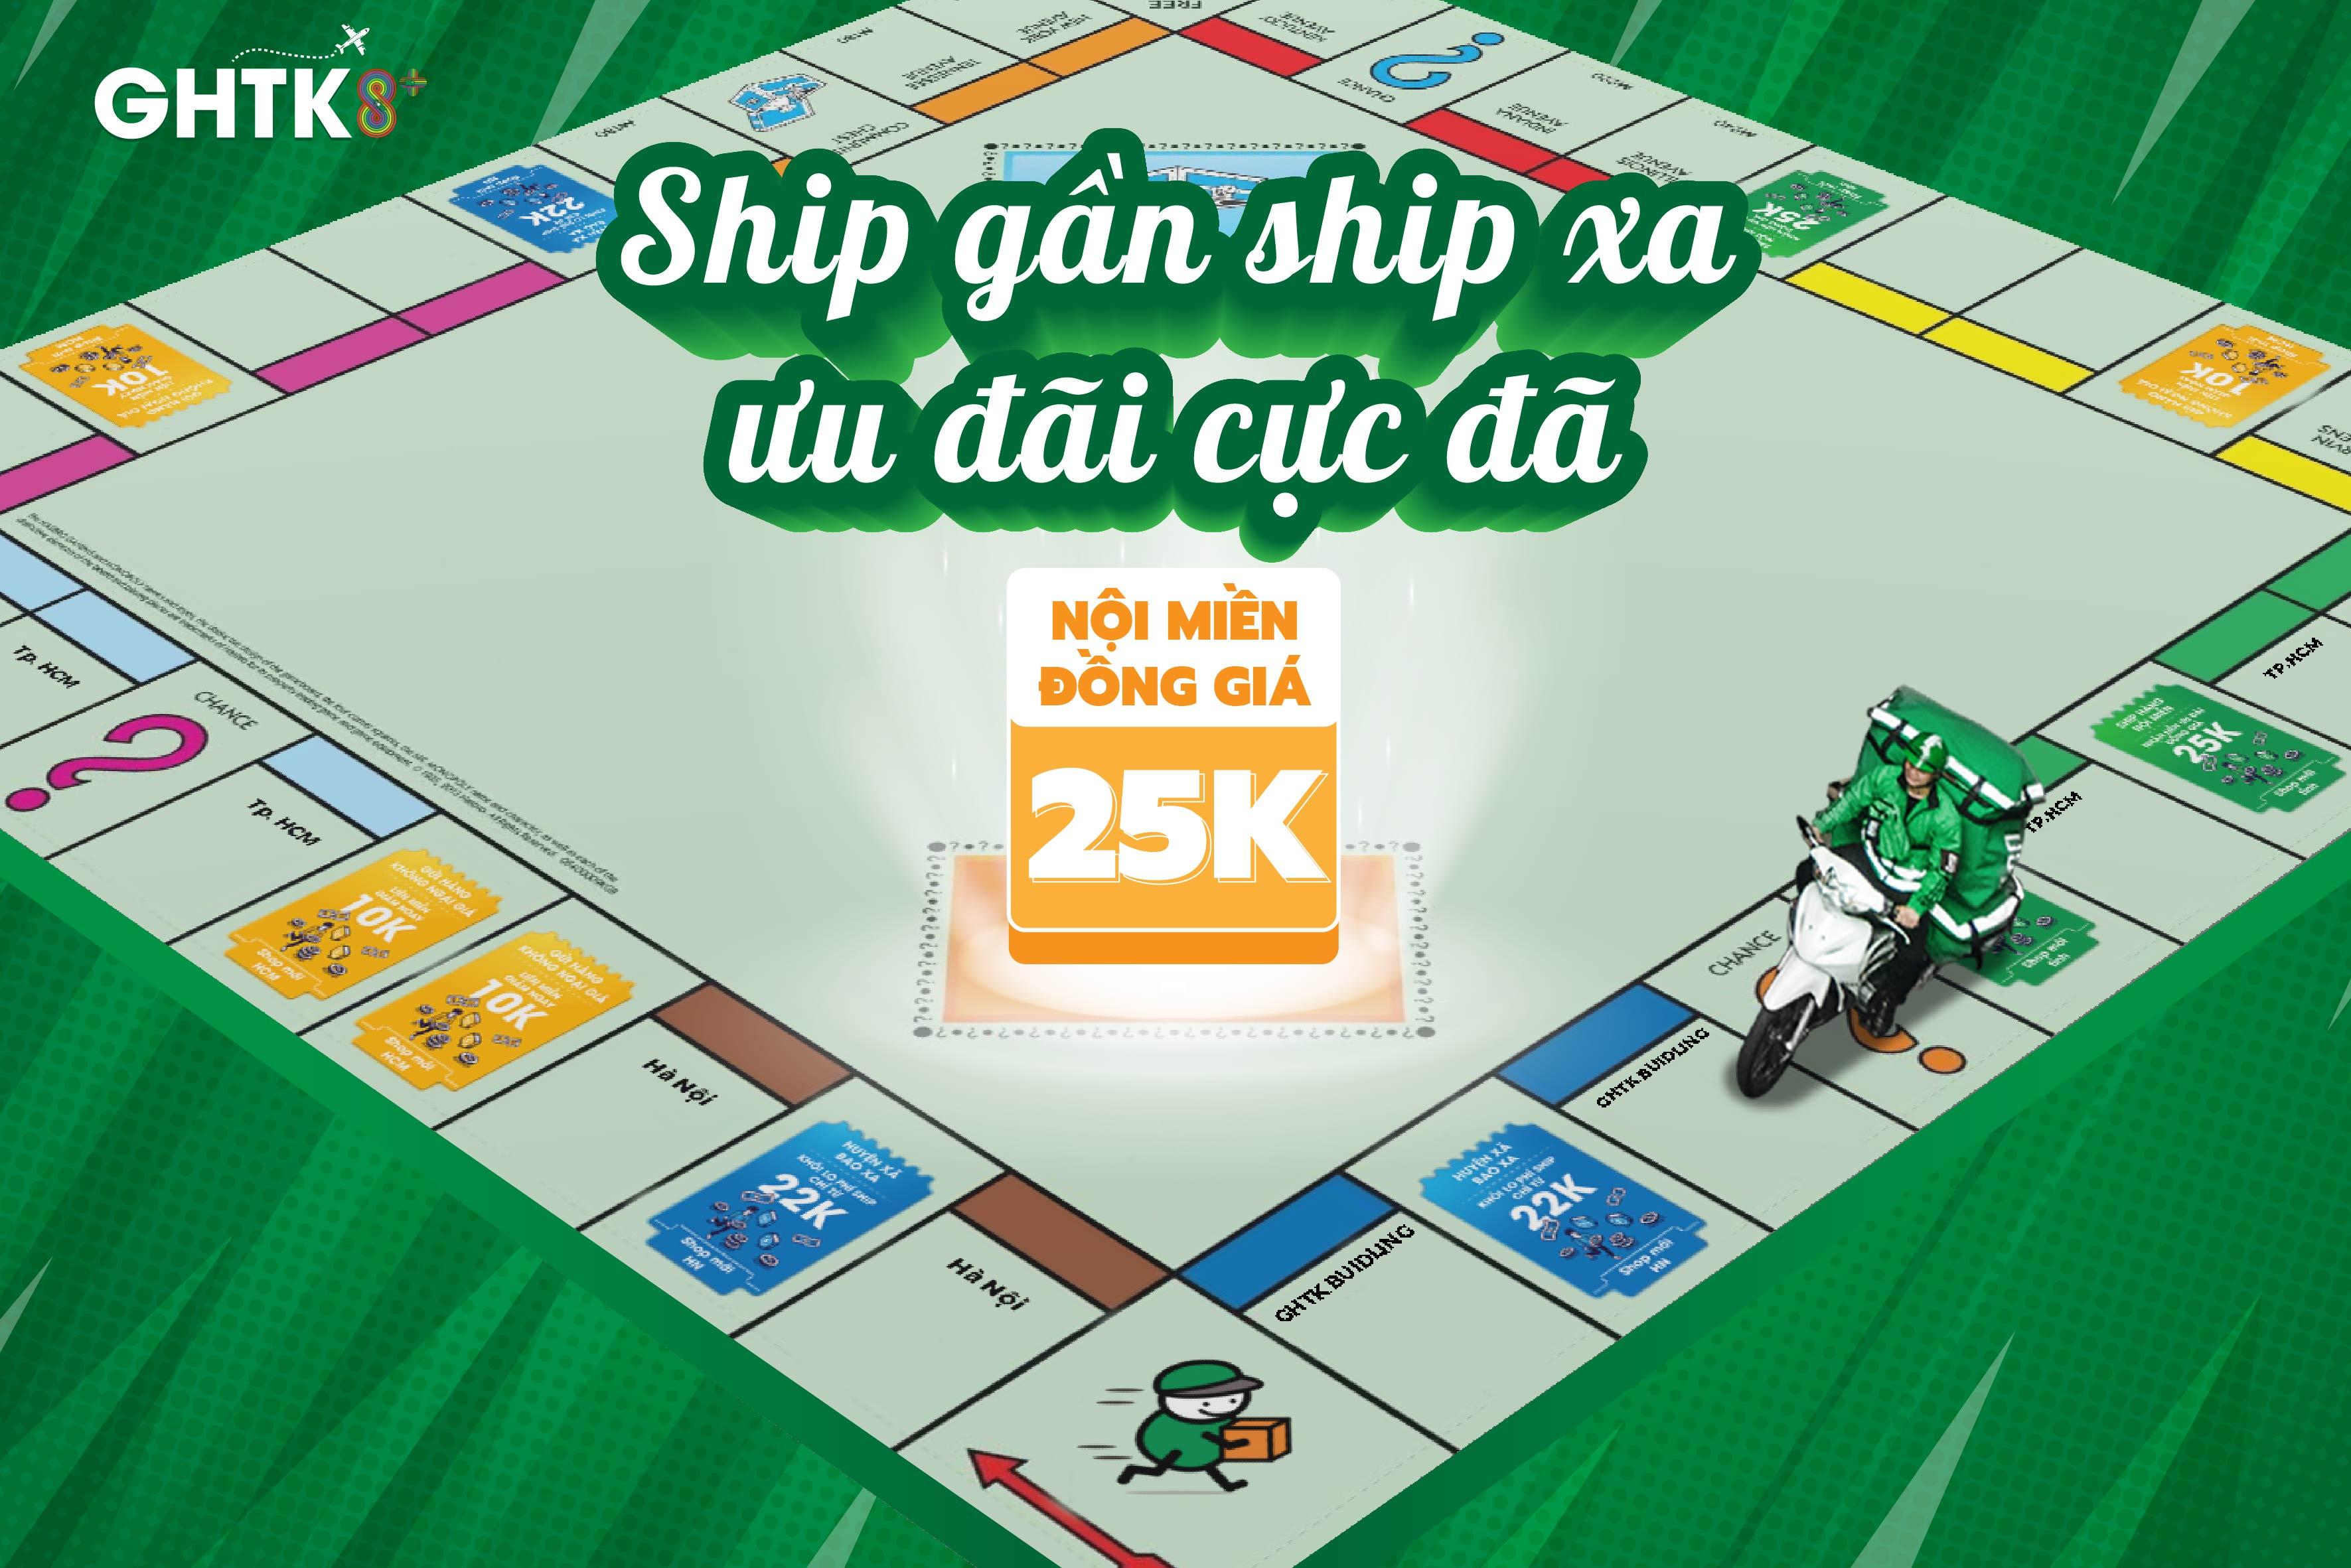 [Shop mới tỉnh] SHIP GẦN SHIP XA – ƯU ĐÃI CỰC ĐÃ: NỘI MIỀN ĐỒNG GIÁ 25K